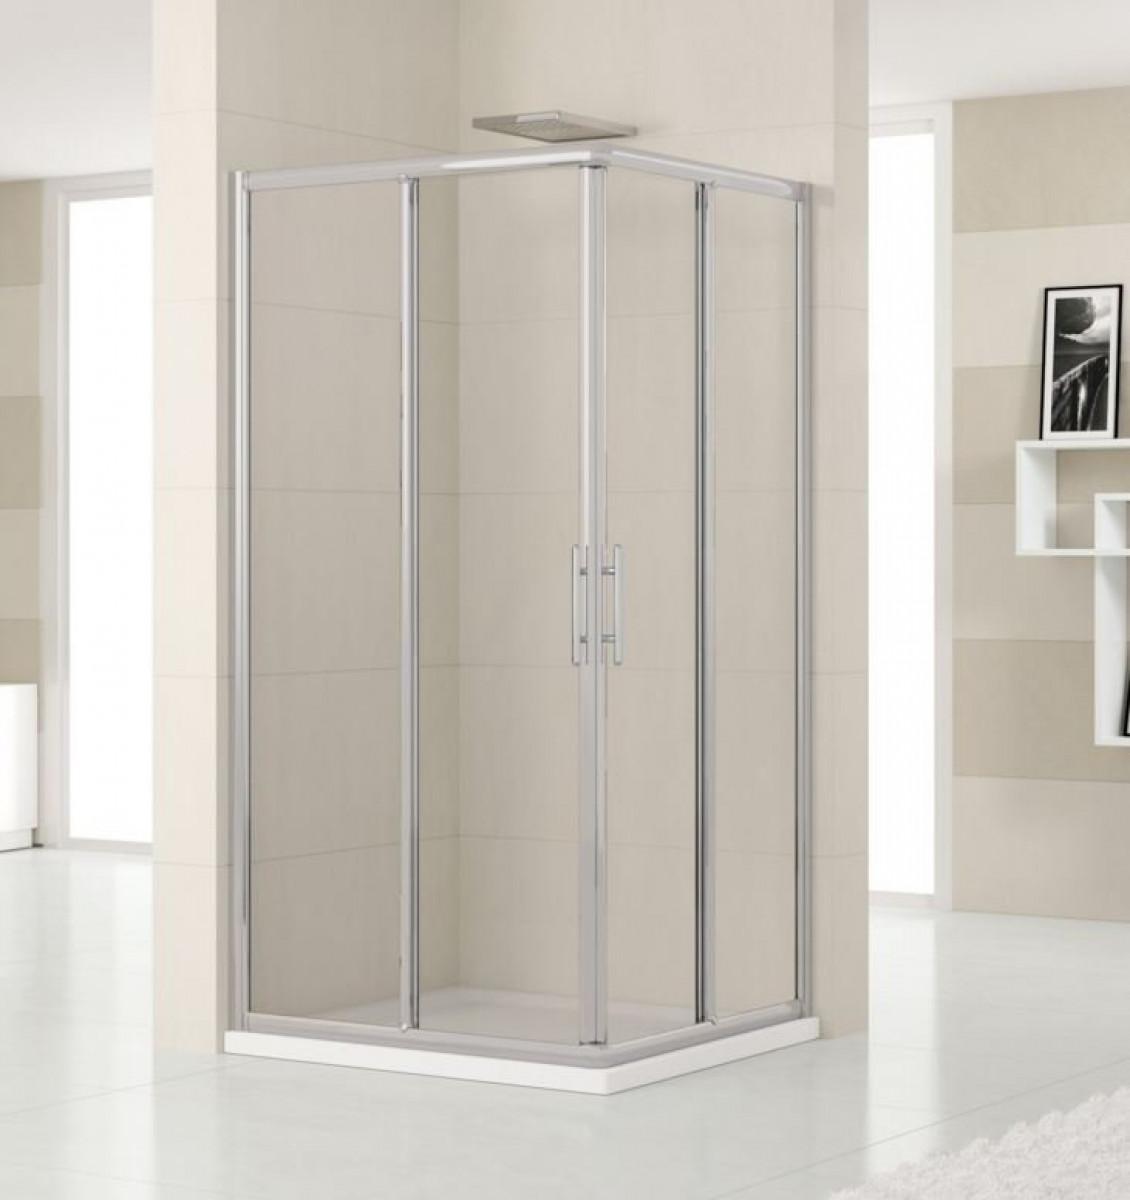 Novellini Lunes 800mm Corner Entry Shower Enclosure | LUNESA75-